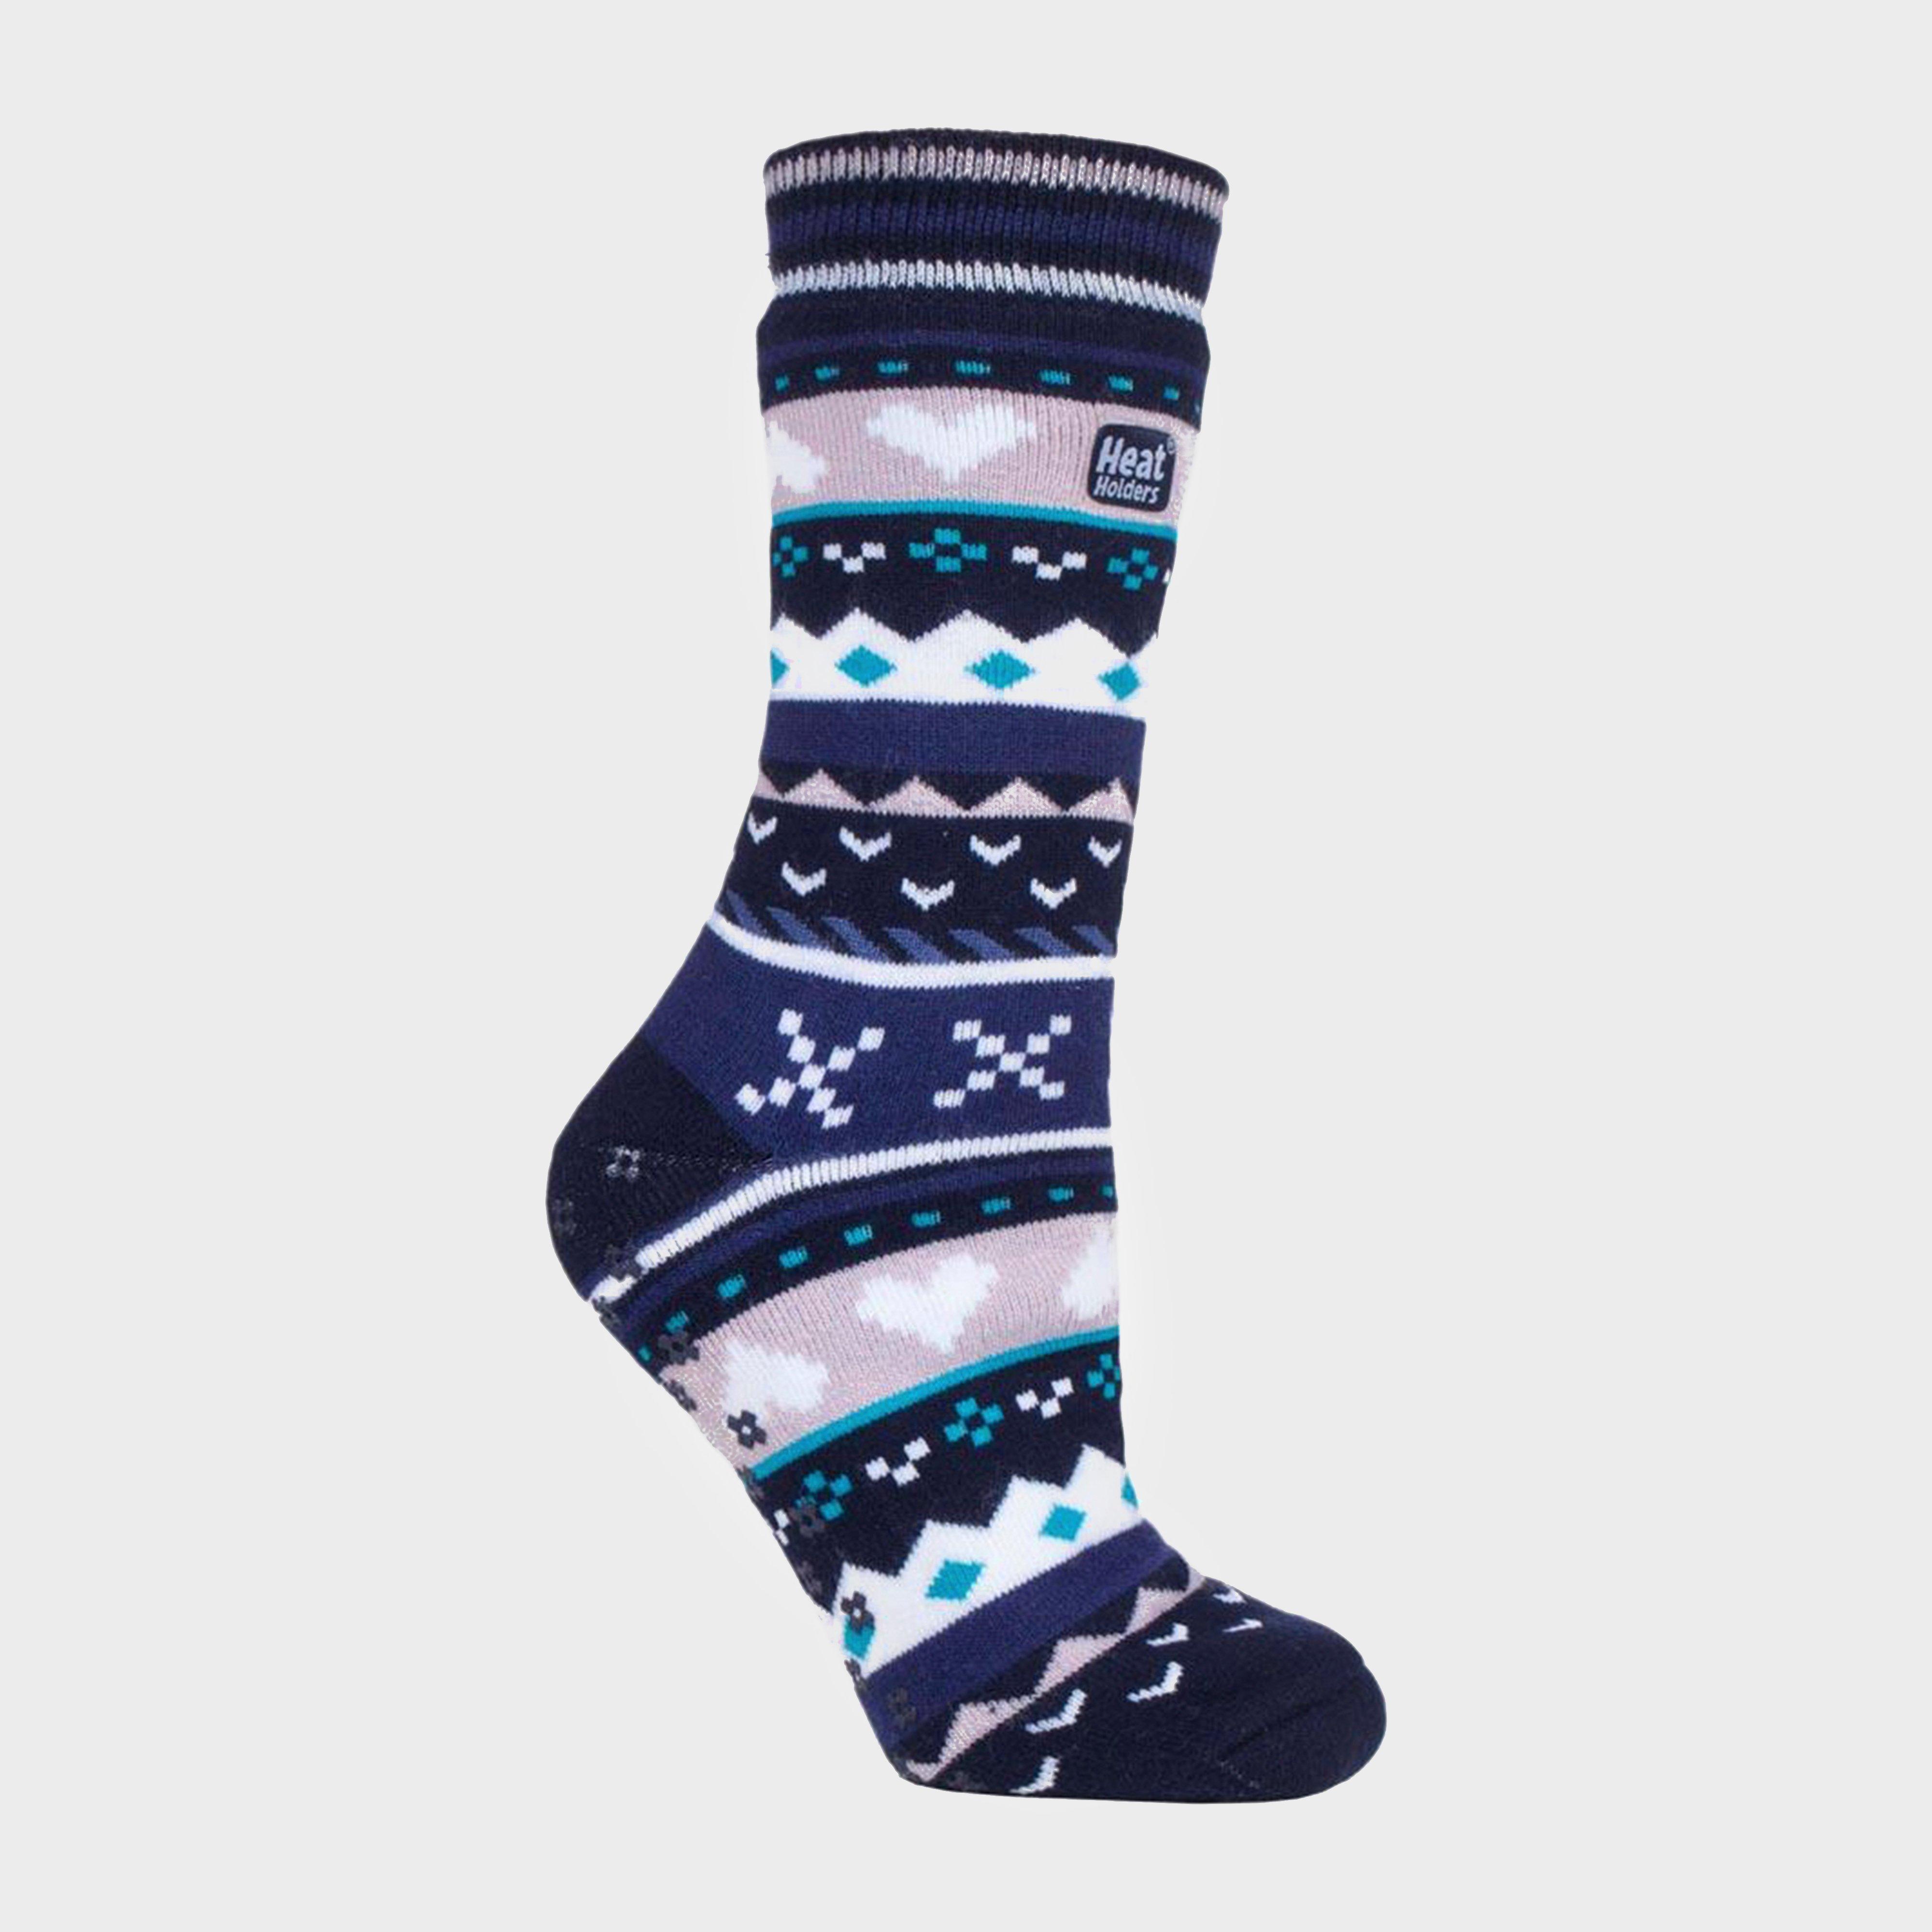 Heat Holders Women's SOUL WARMING Dual Layer Slipper Socks, Blue